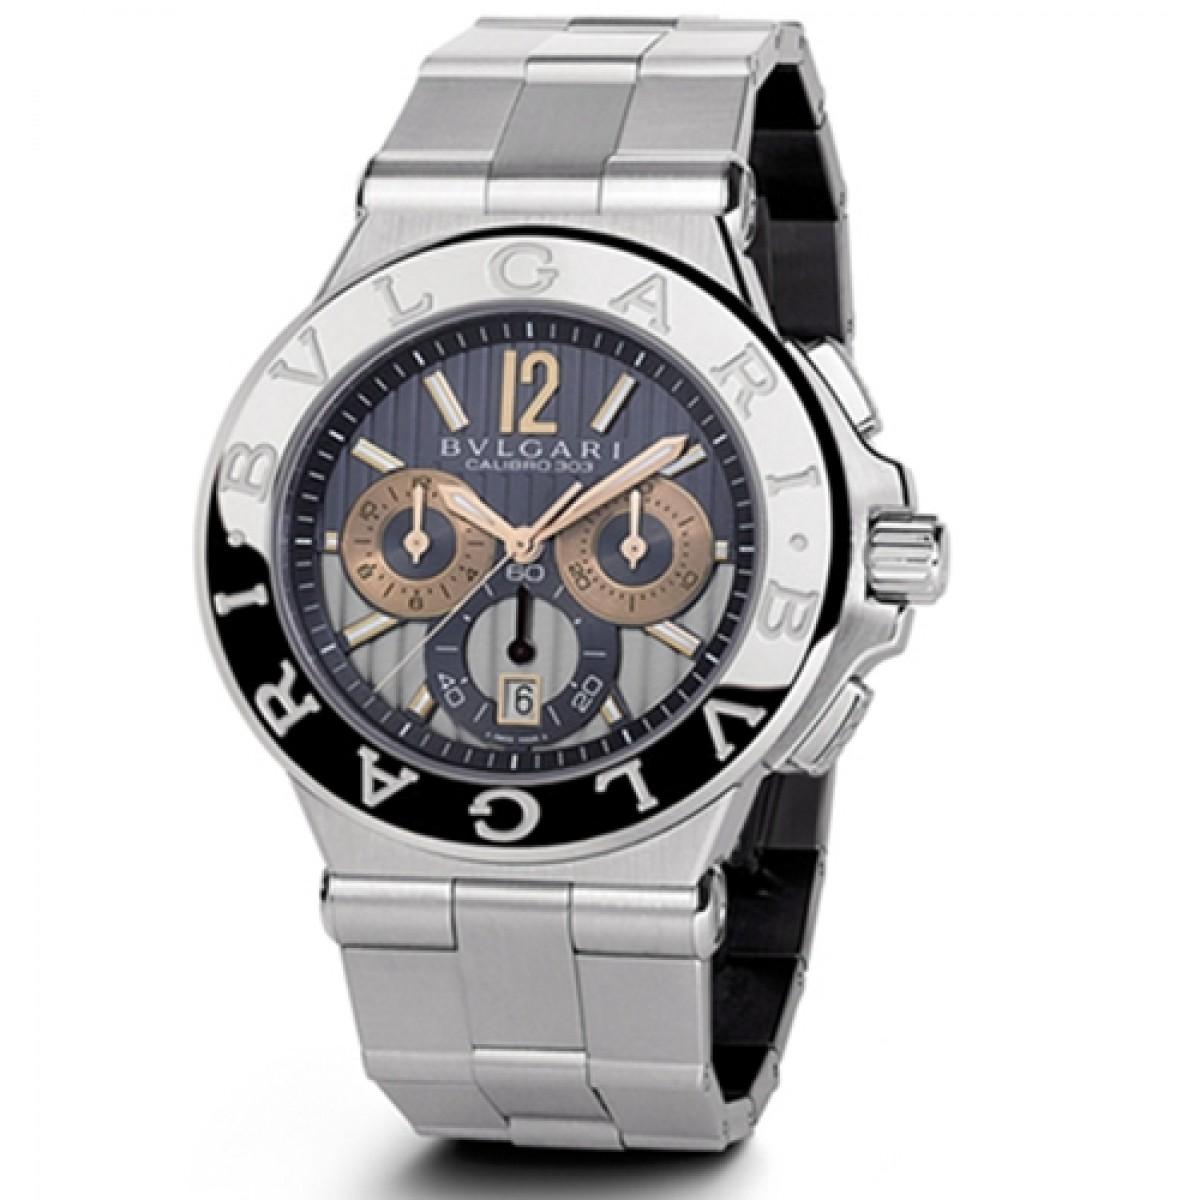 25c43a011e1 Relógio Réplica Bulgari Diagono Calibro 303